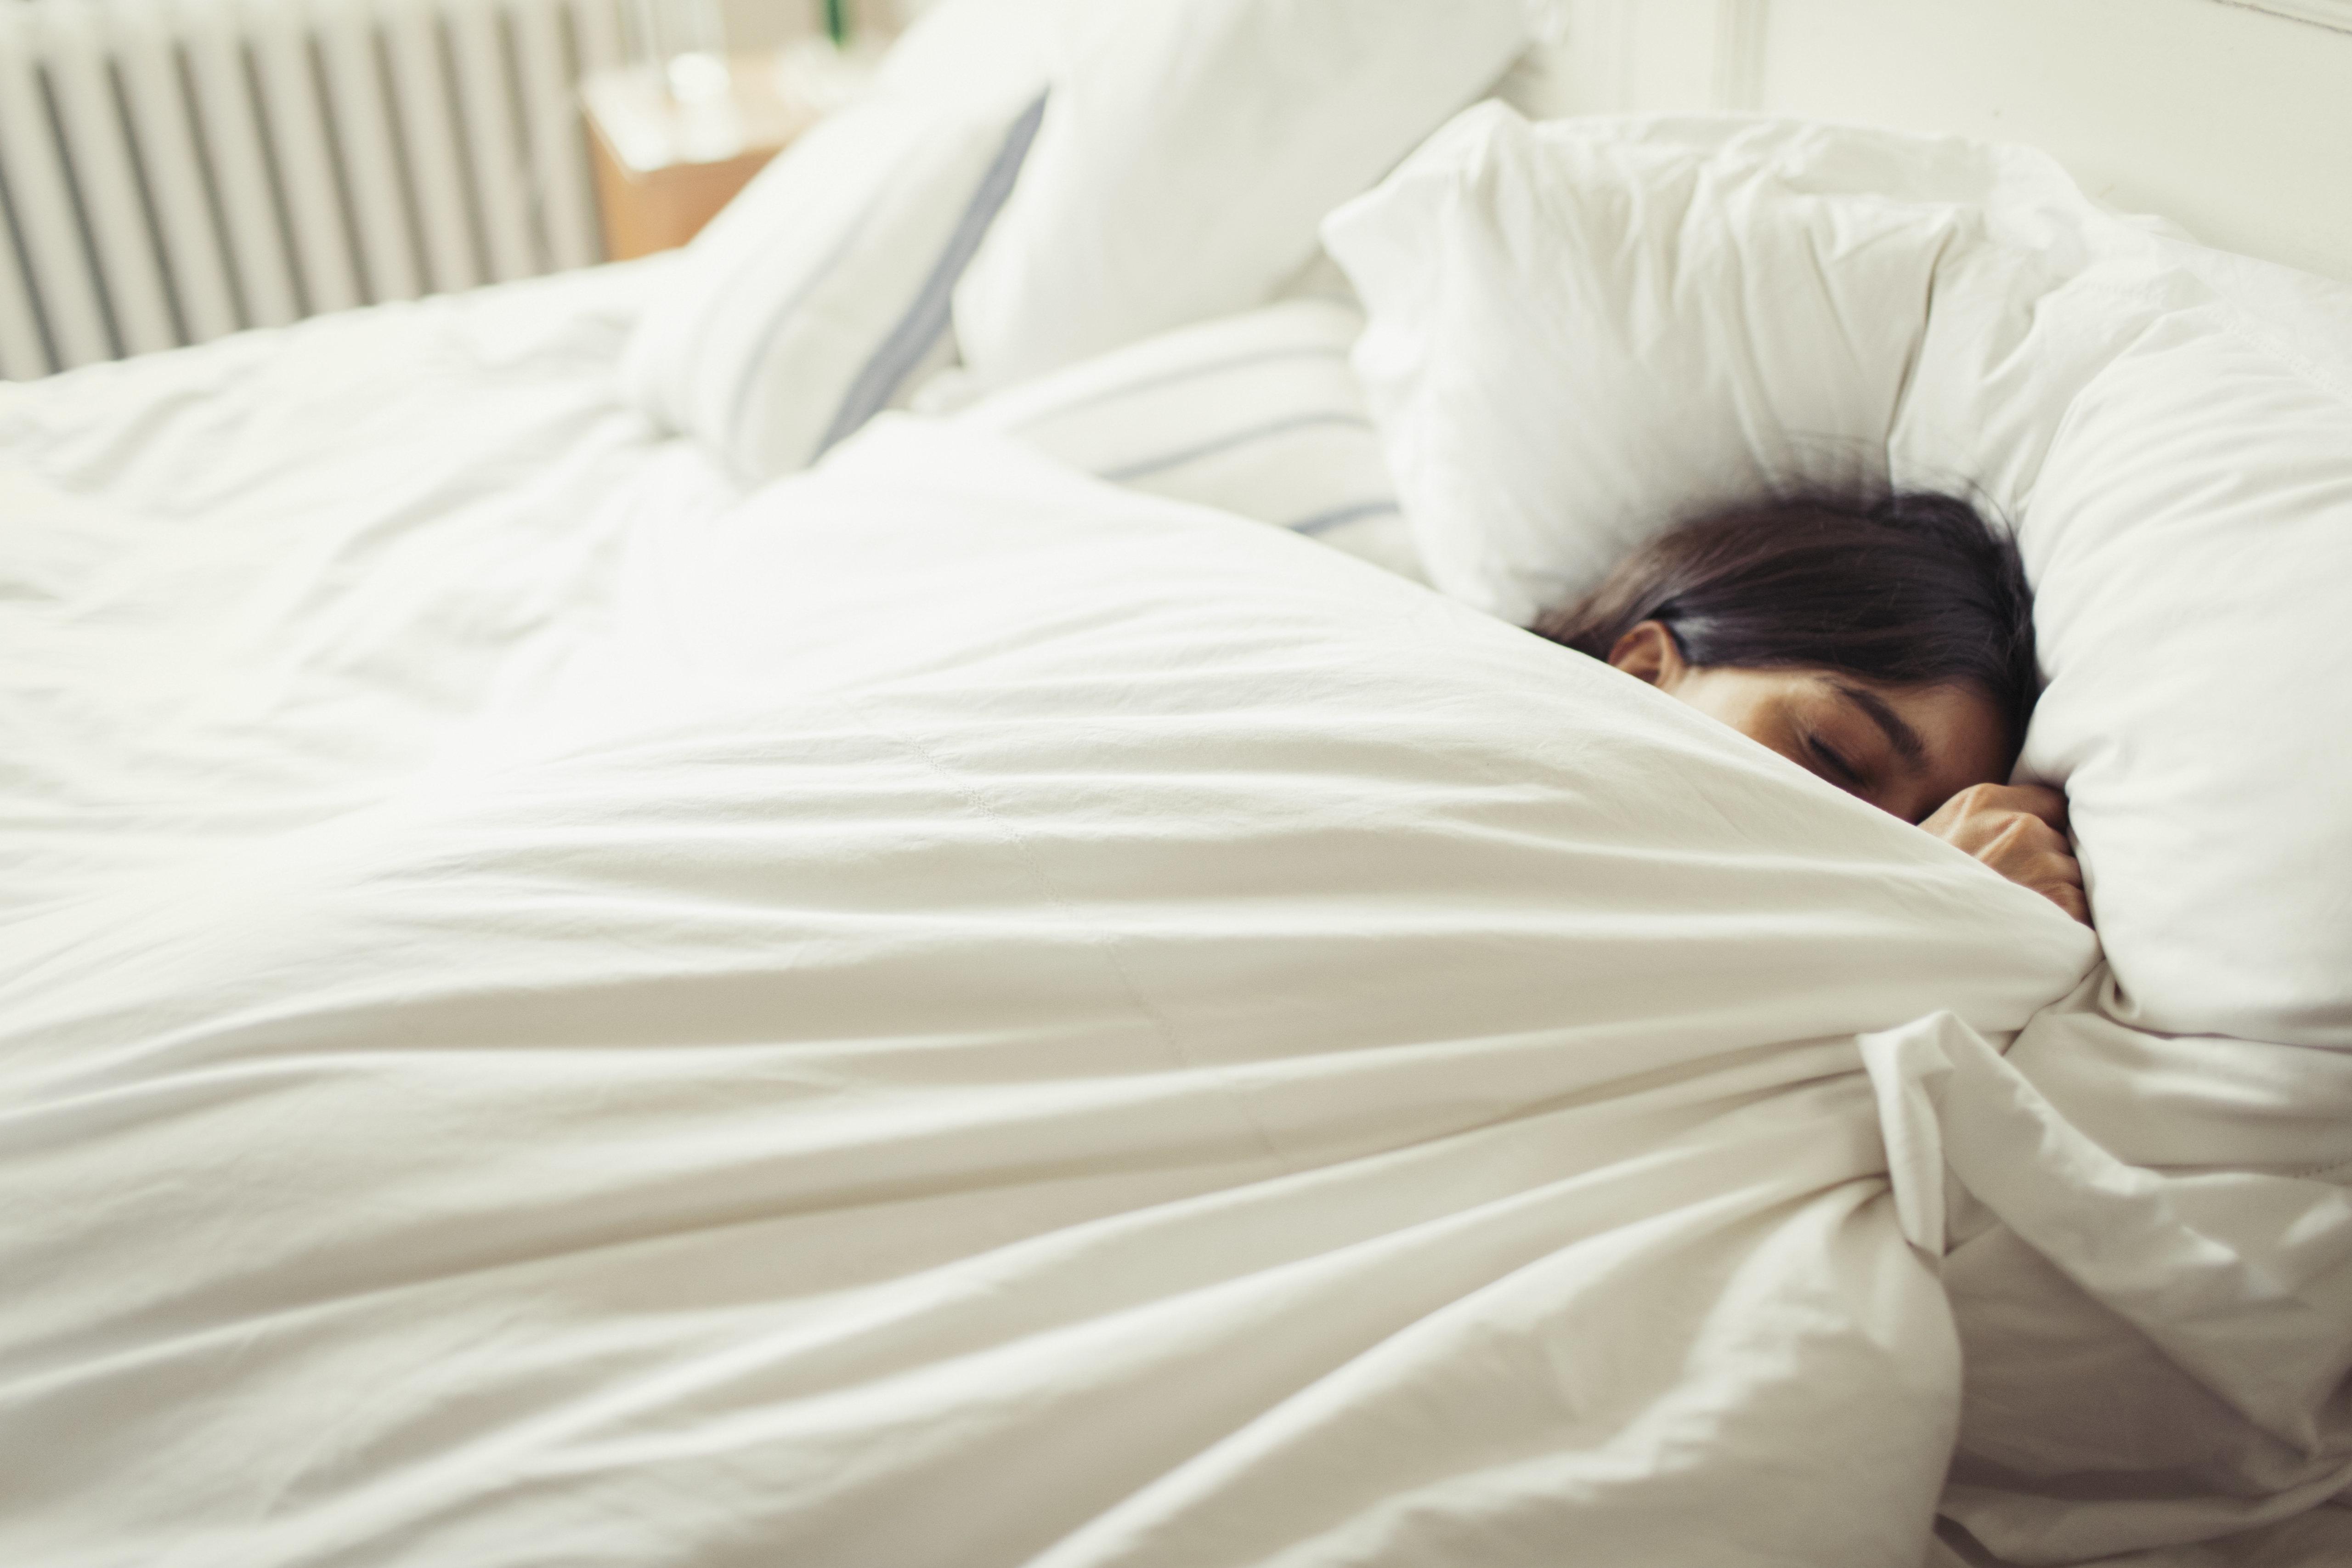 '주말에 밀린 잠 보충하면 좋다'는 연구 결과가